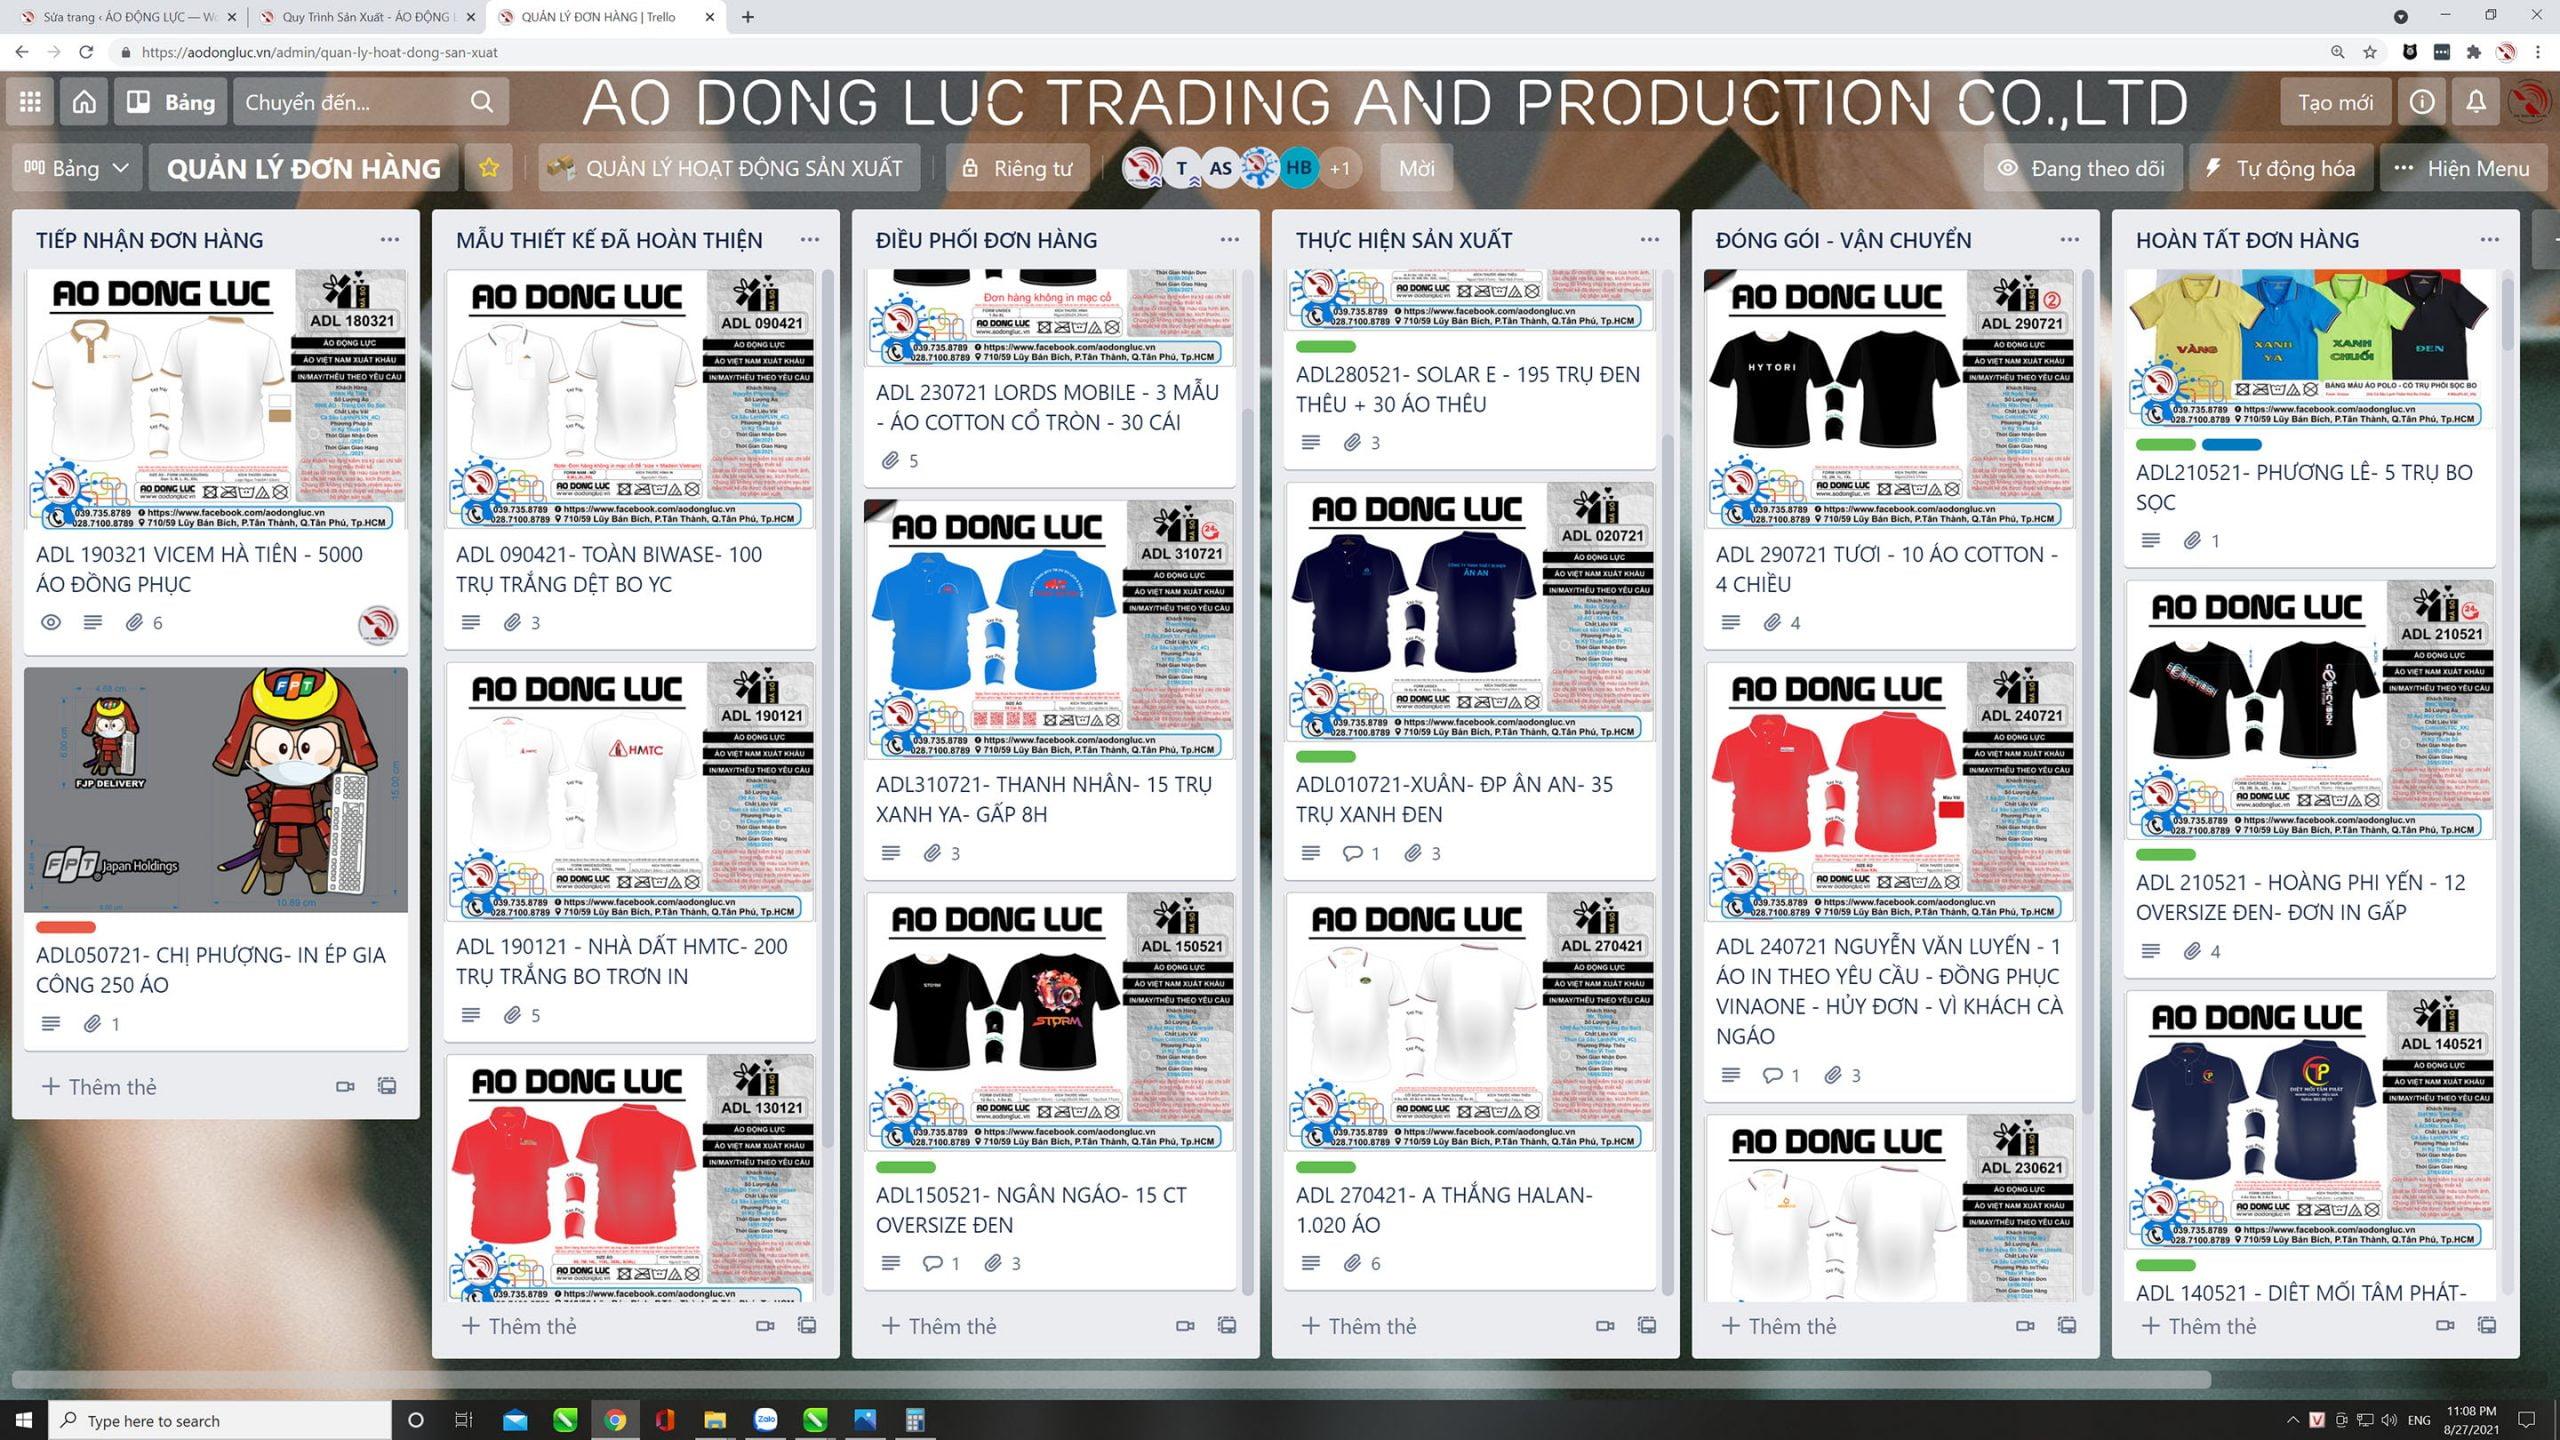 Hình ảnh quản lý đơn hàng bằng phần mềm điều phối thông tin tự động